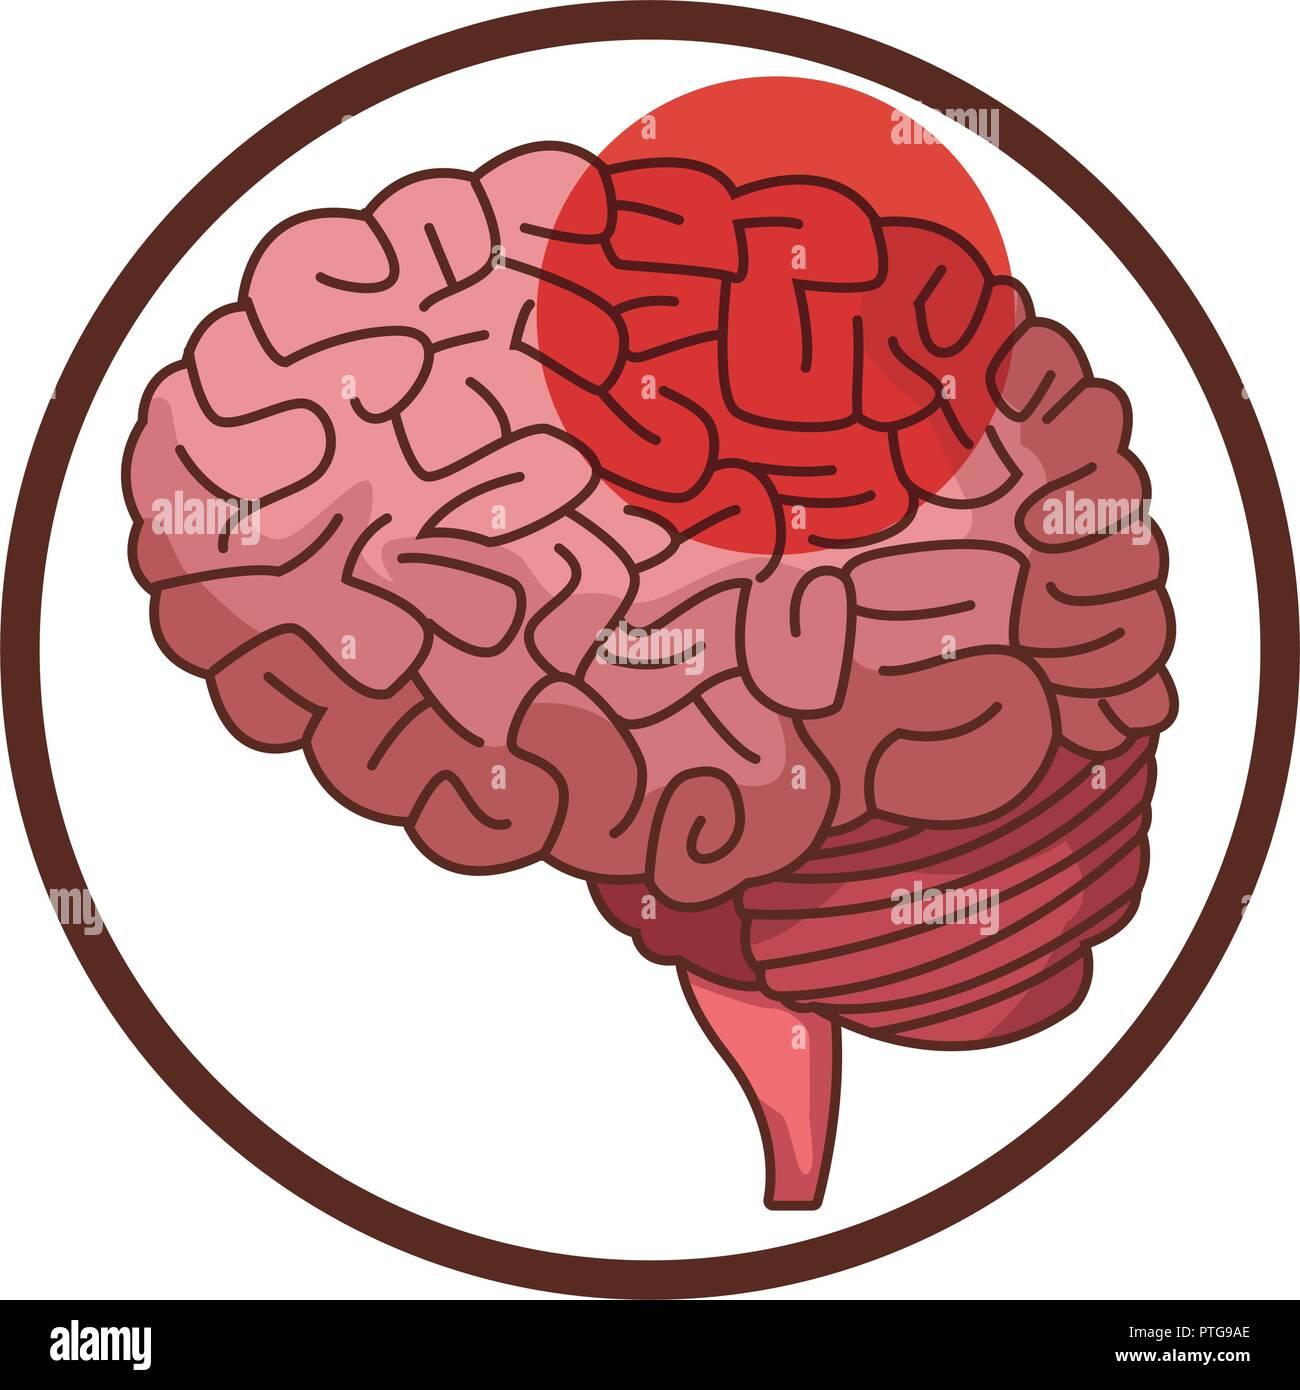 Alzheimer brain symbol - Stock Image